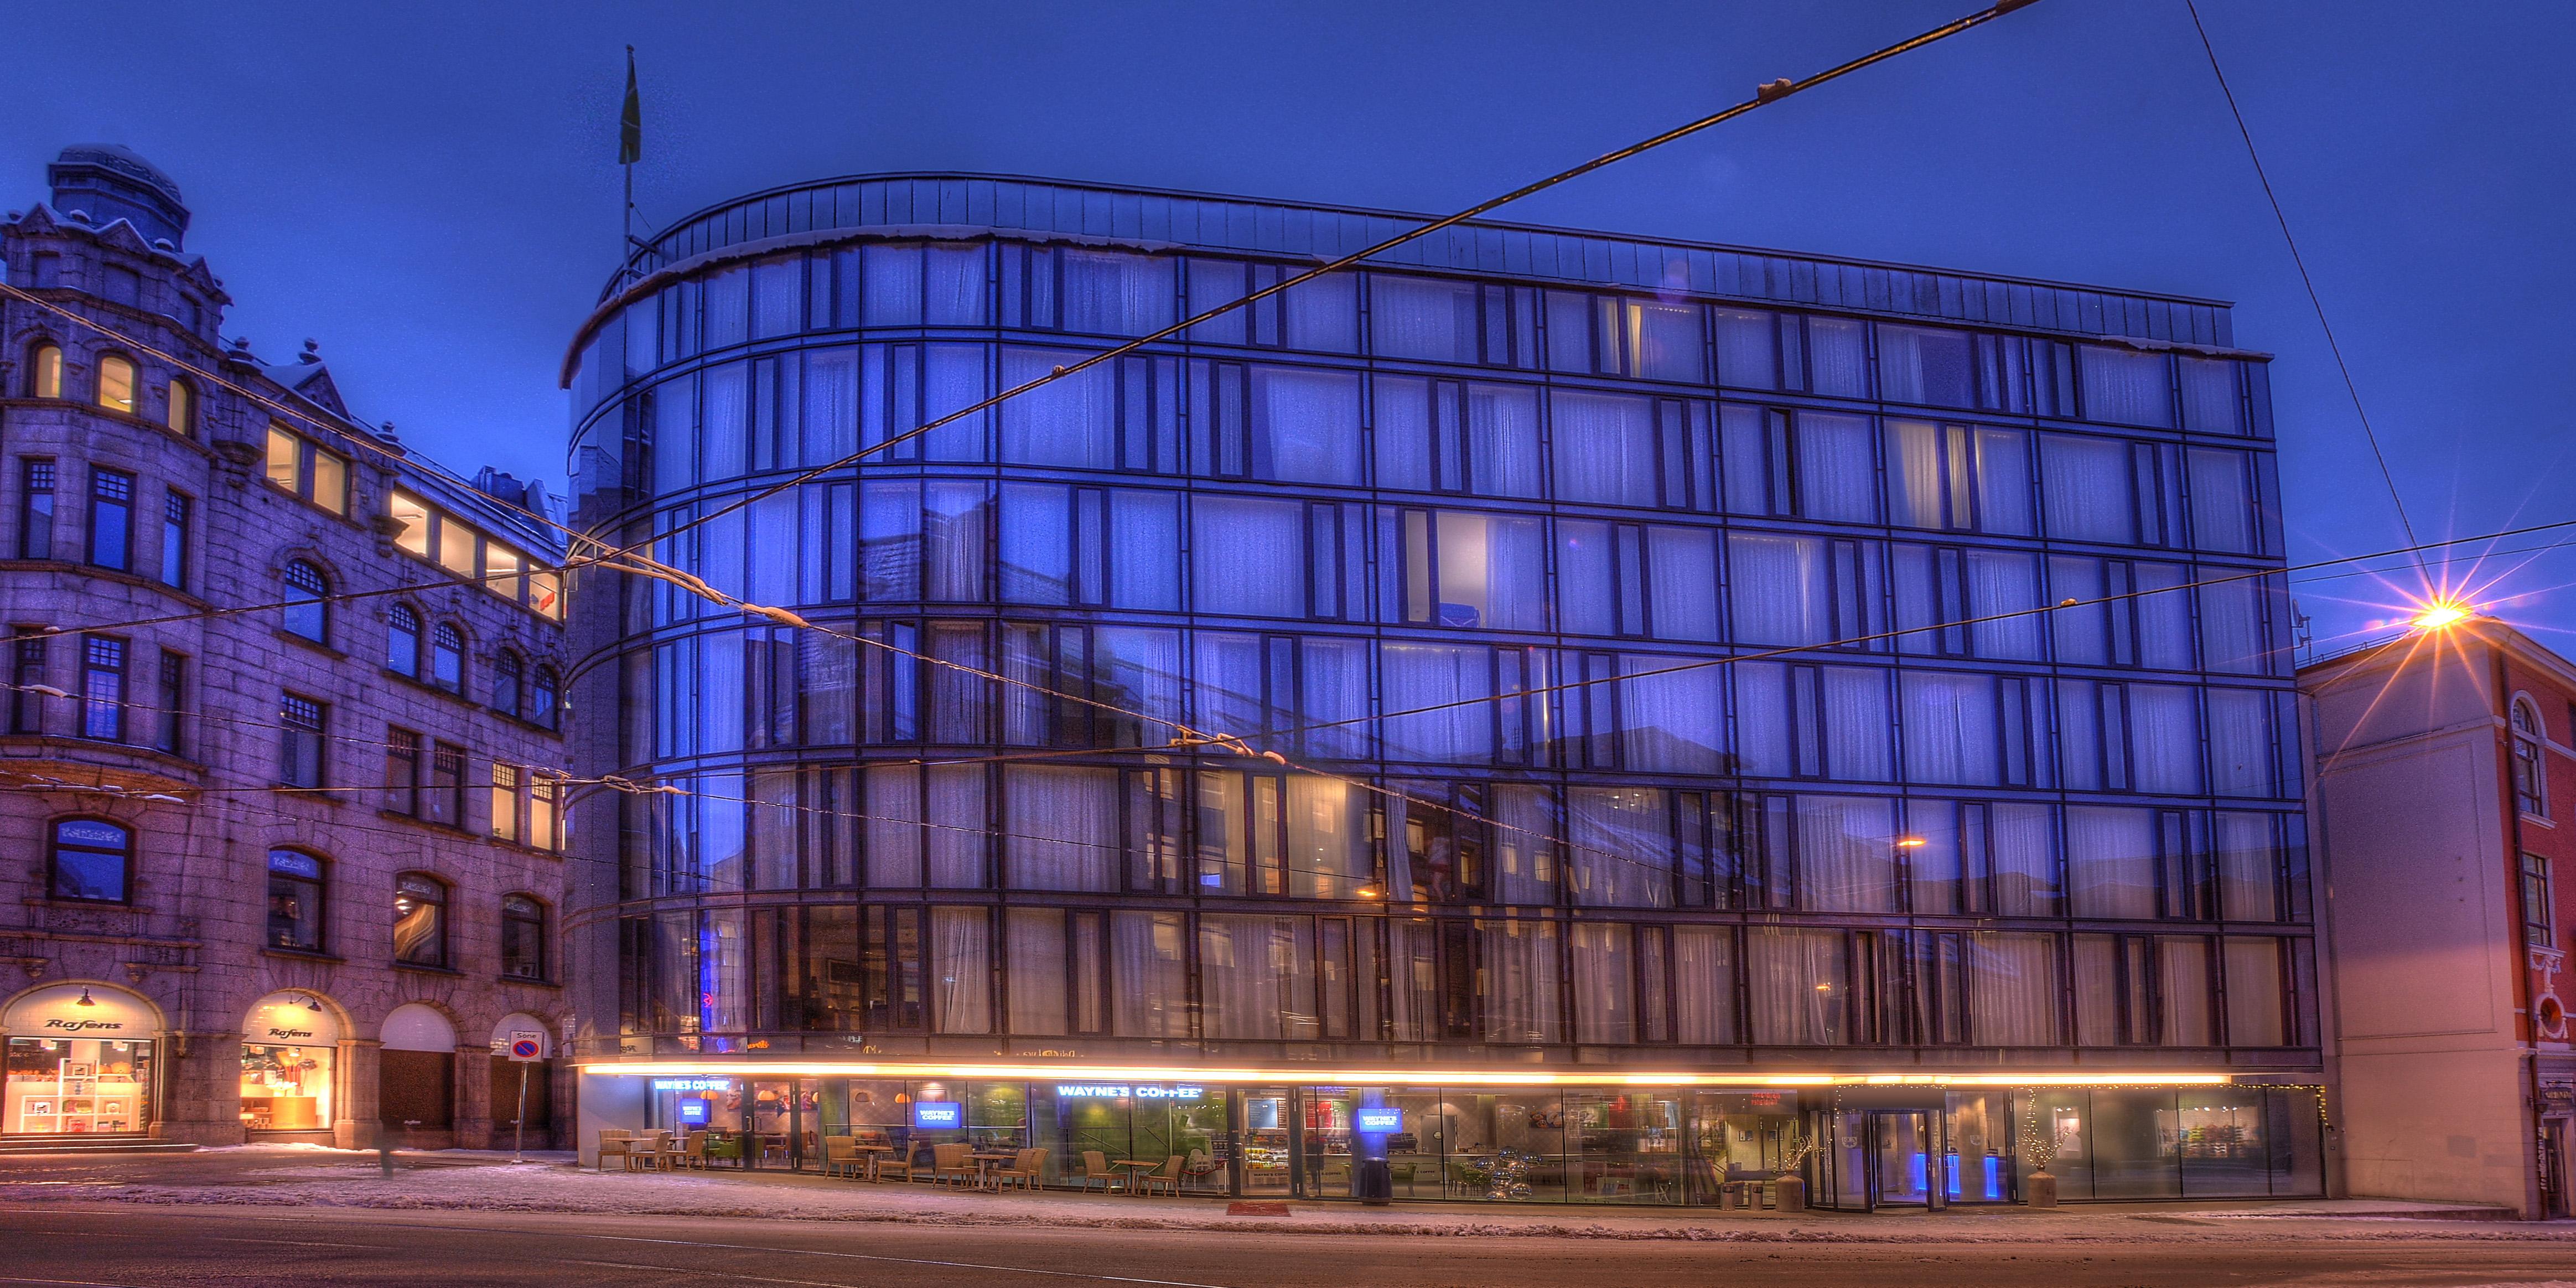 Htl Hotels Hotel Grensen Oslo